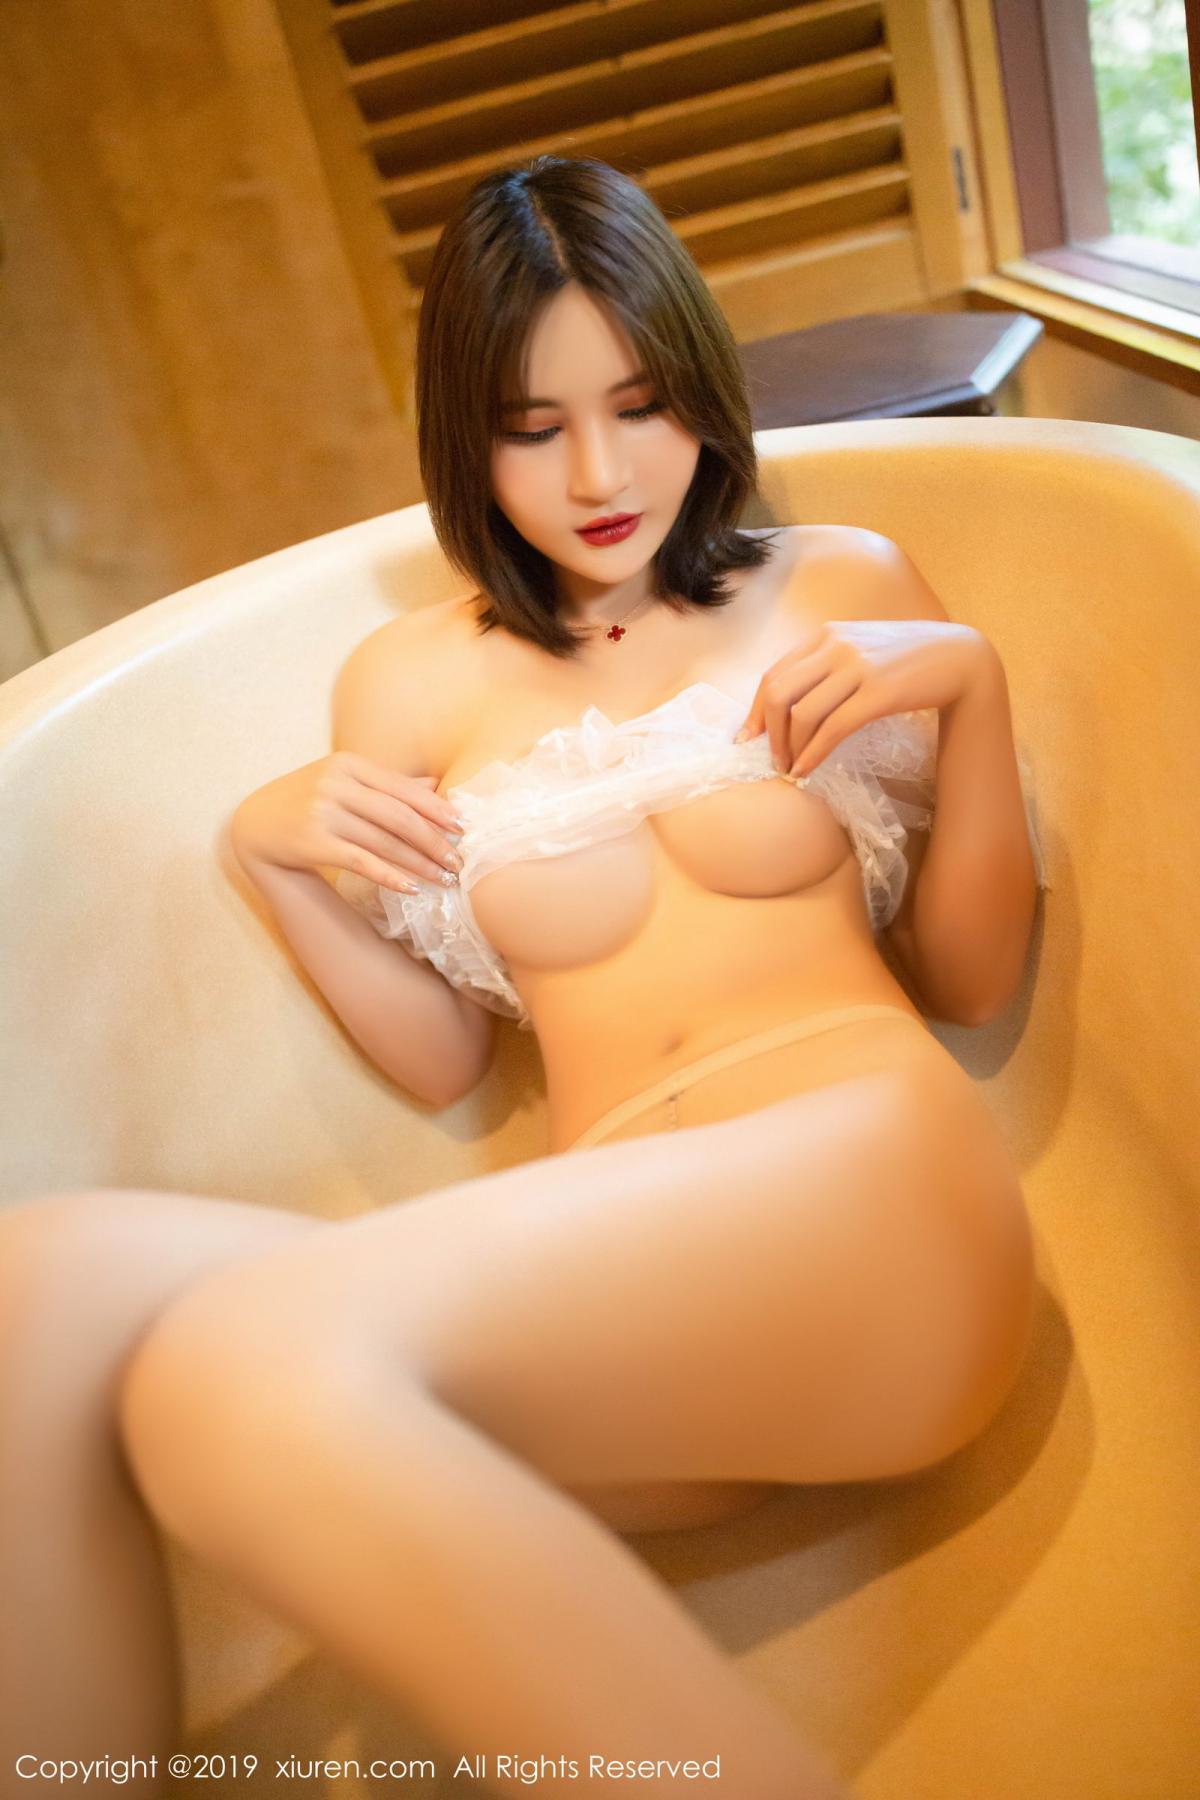 [XiuRen] Vol.1479 Solo Yi Fei 37P, Solo Yi Fei, Xiuren